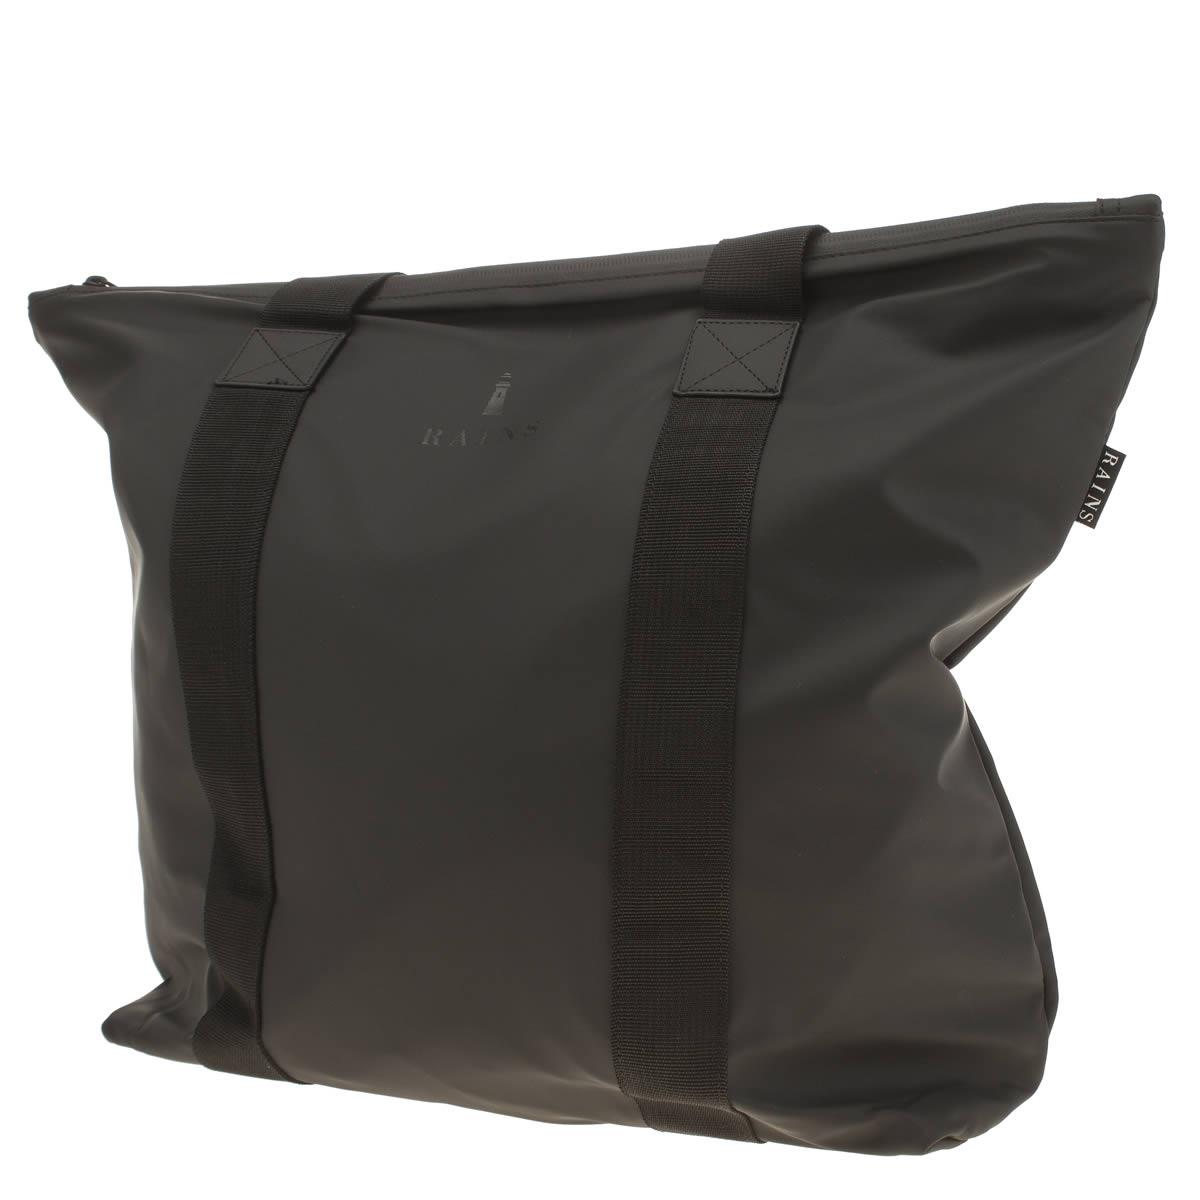 Rains Rains Black Tote Rush Bags